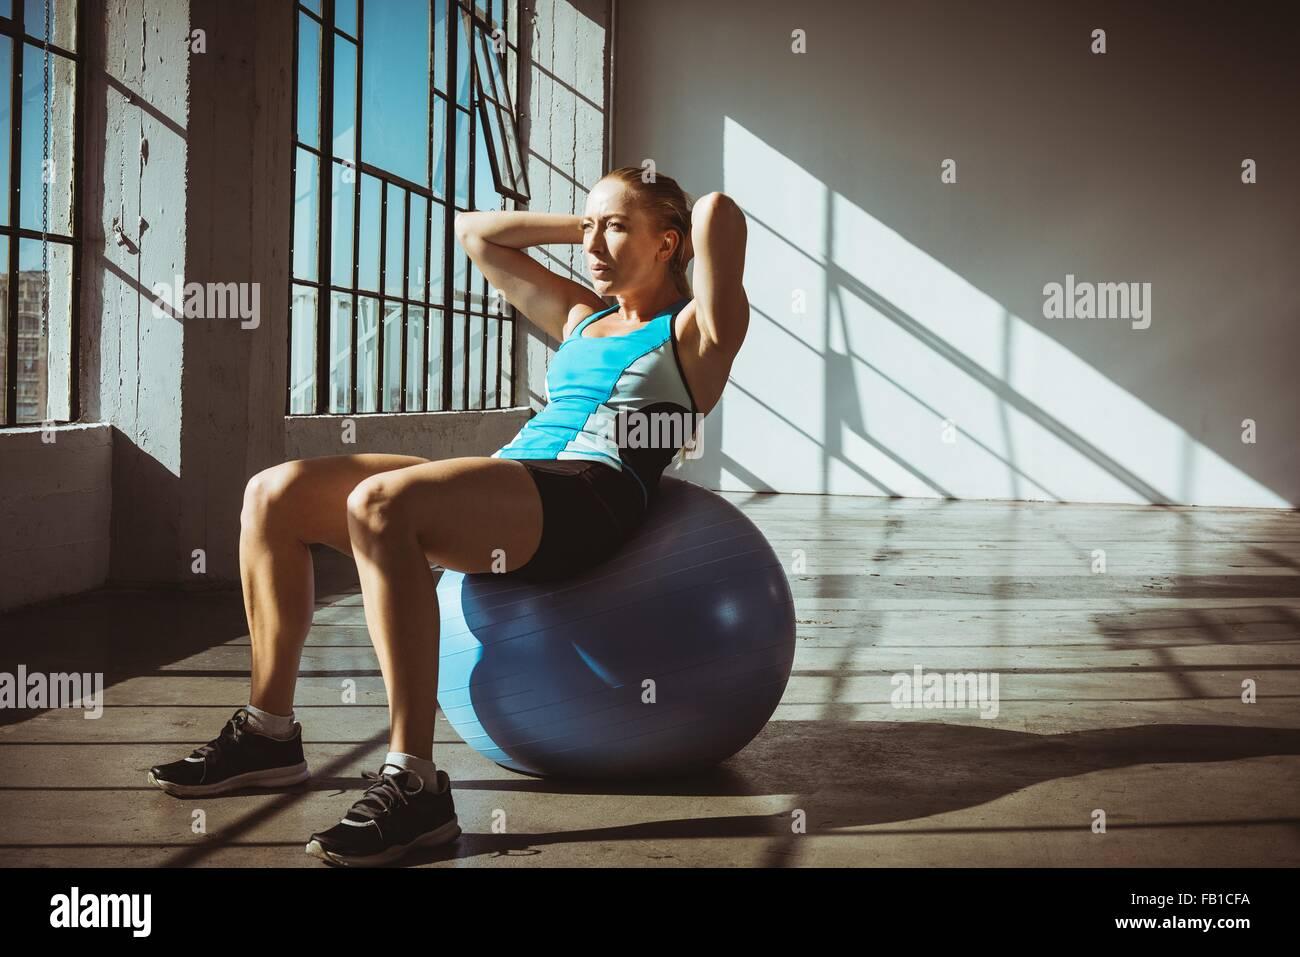 Giovane donna in palestra seduta su palla ginnica le mani dietro la testa, guardando lontano Immagini Stock